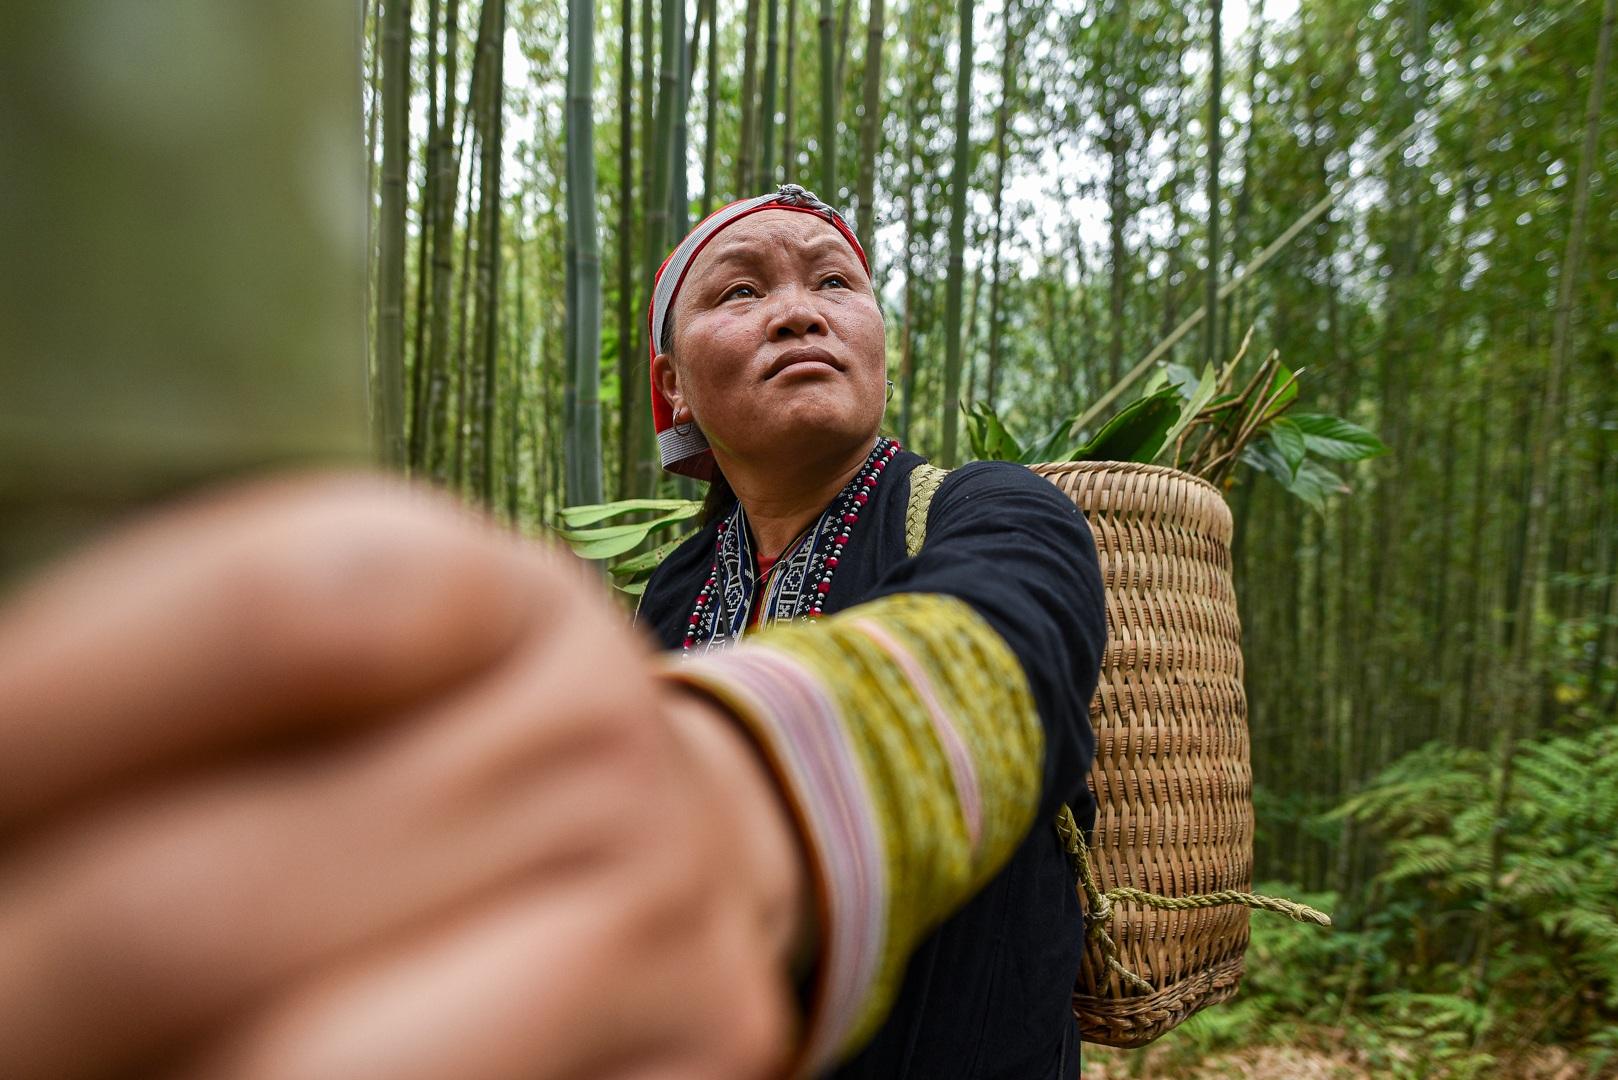 Băng rừng theo người Dao đỏ Sapa đi hái lá thuốc tắm thần dược - 5